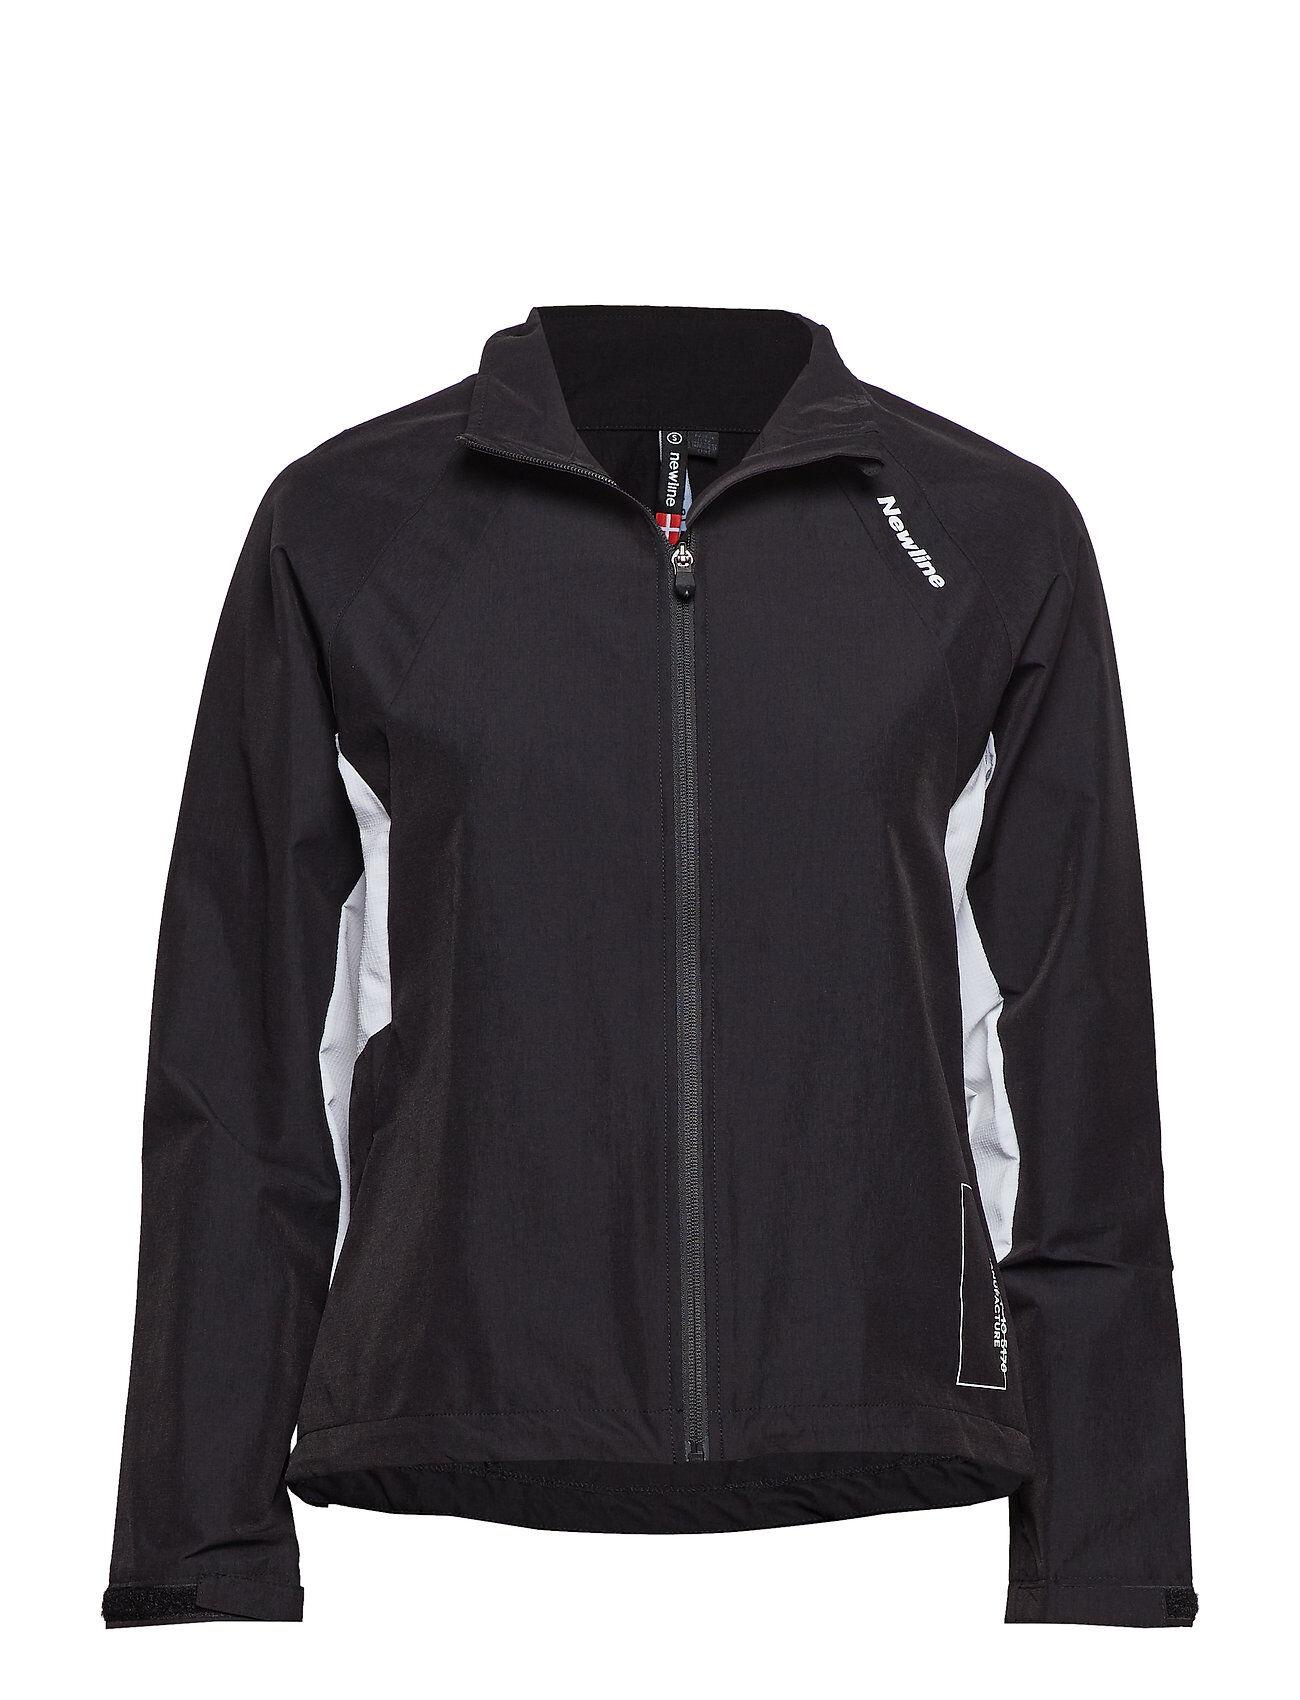 Newline Black Training Utility Jacket